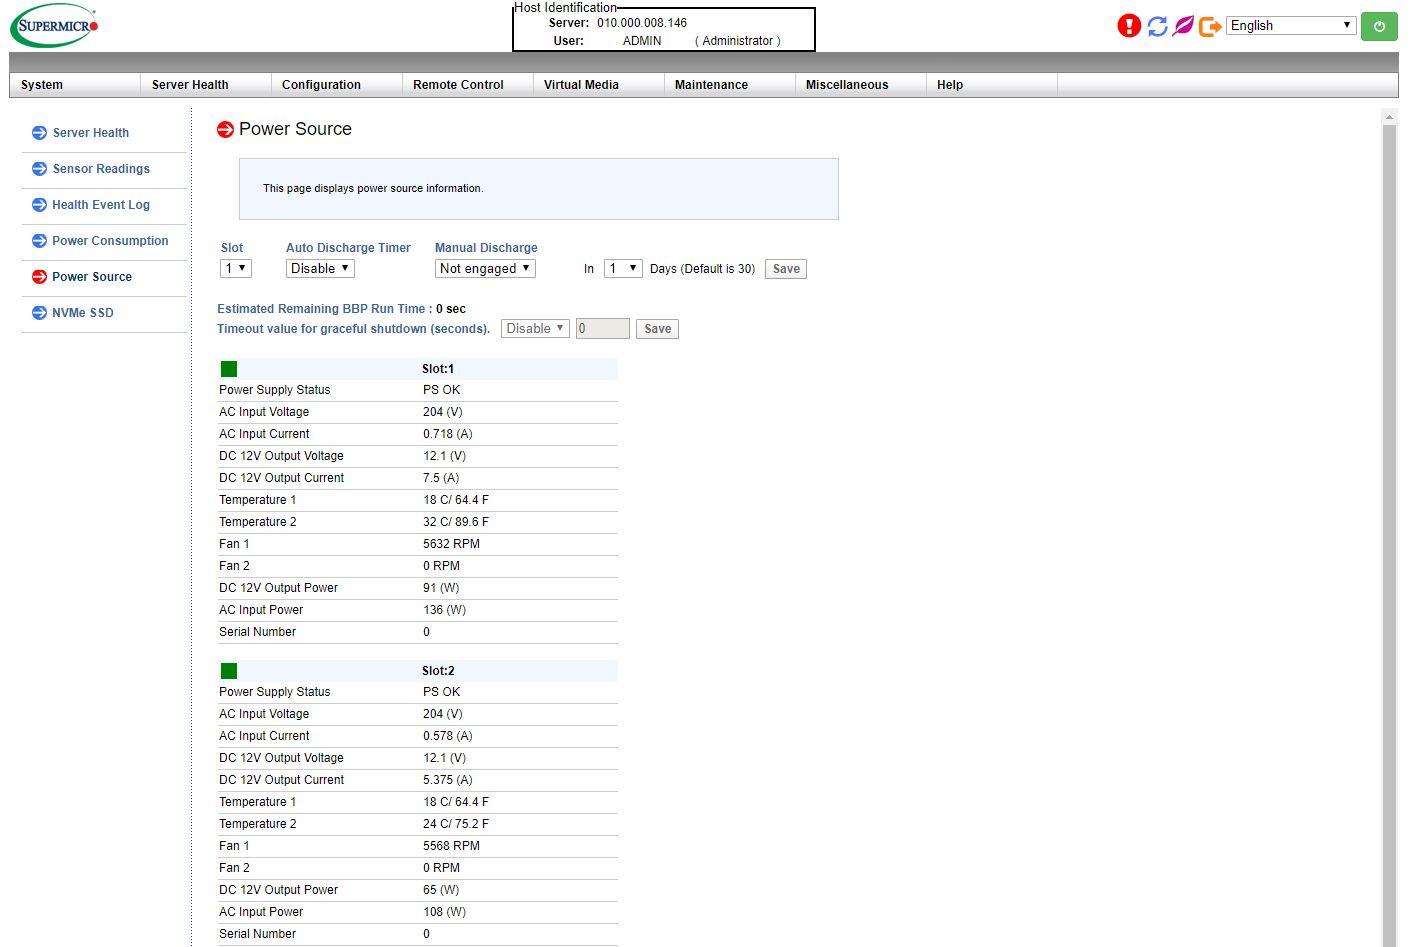 Trang nguồn quản lý Supermicro